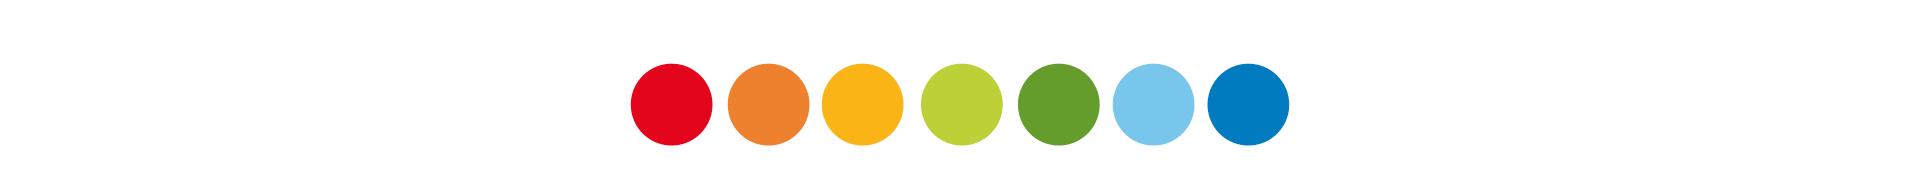 gamme de couleurs